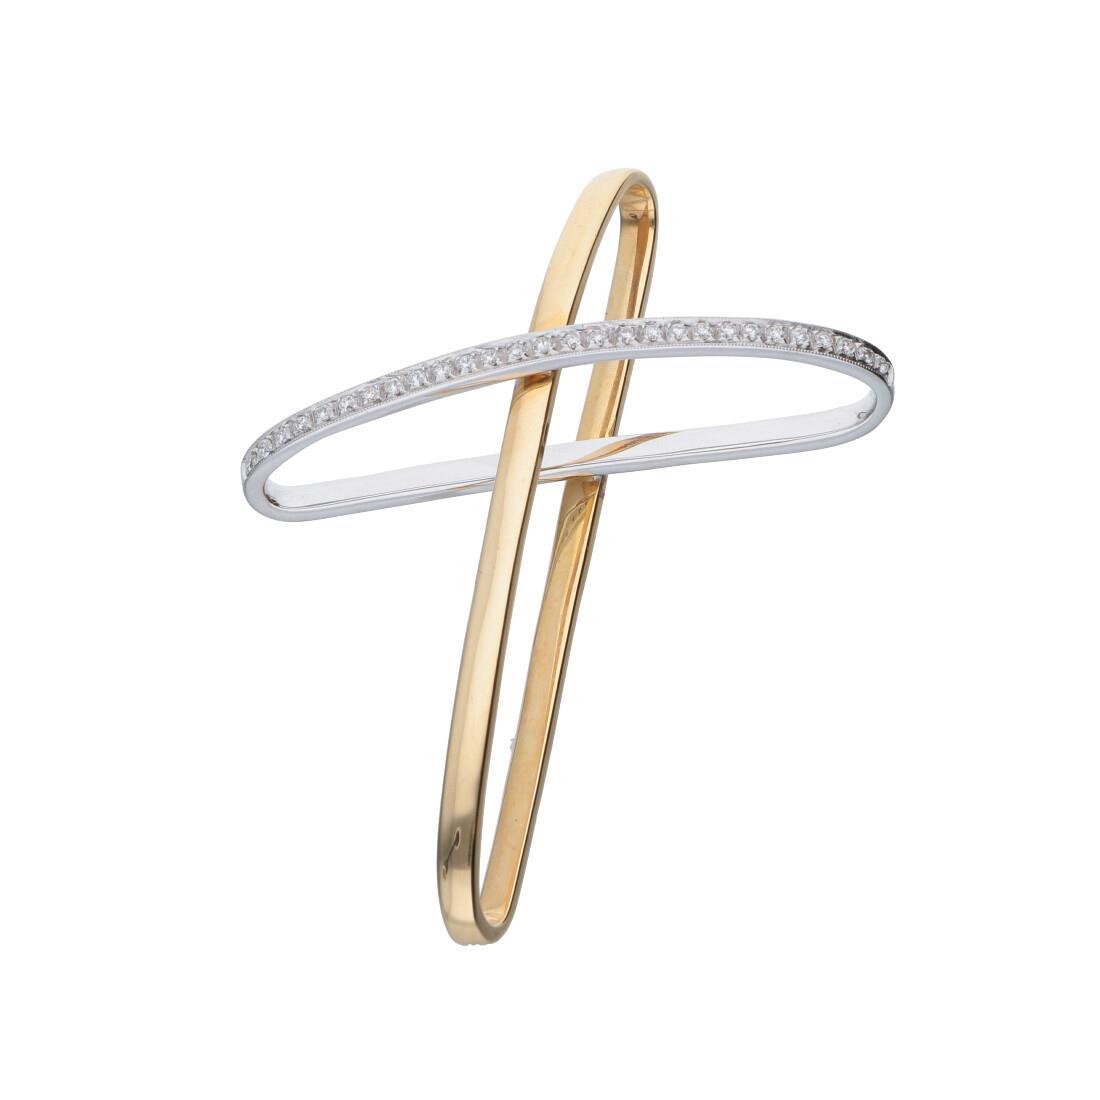 Ciondolo croce in oro giallo e bianco - ALFIERI & ST. JOHN